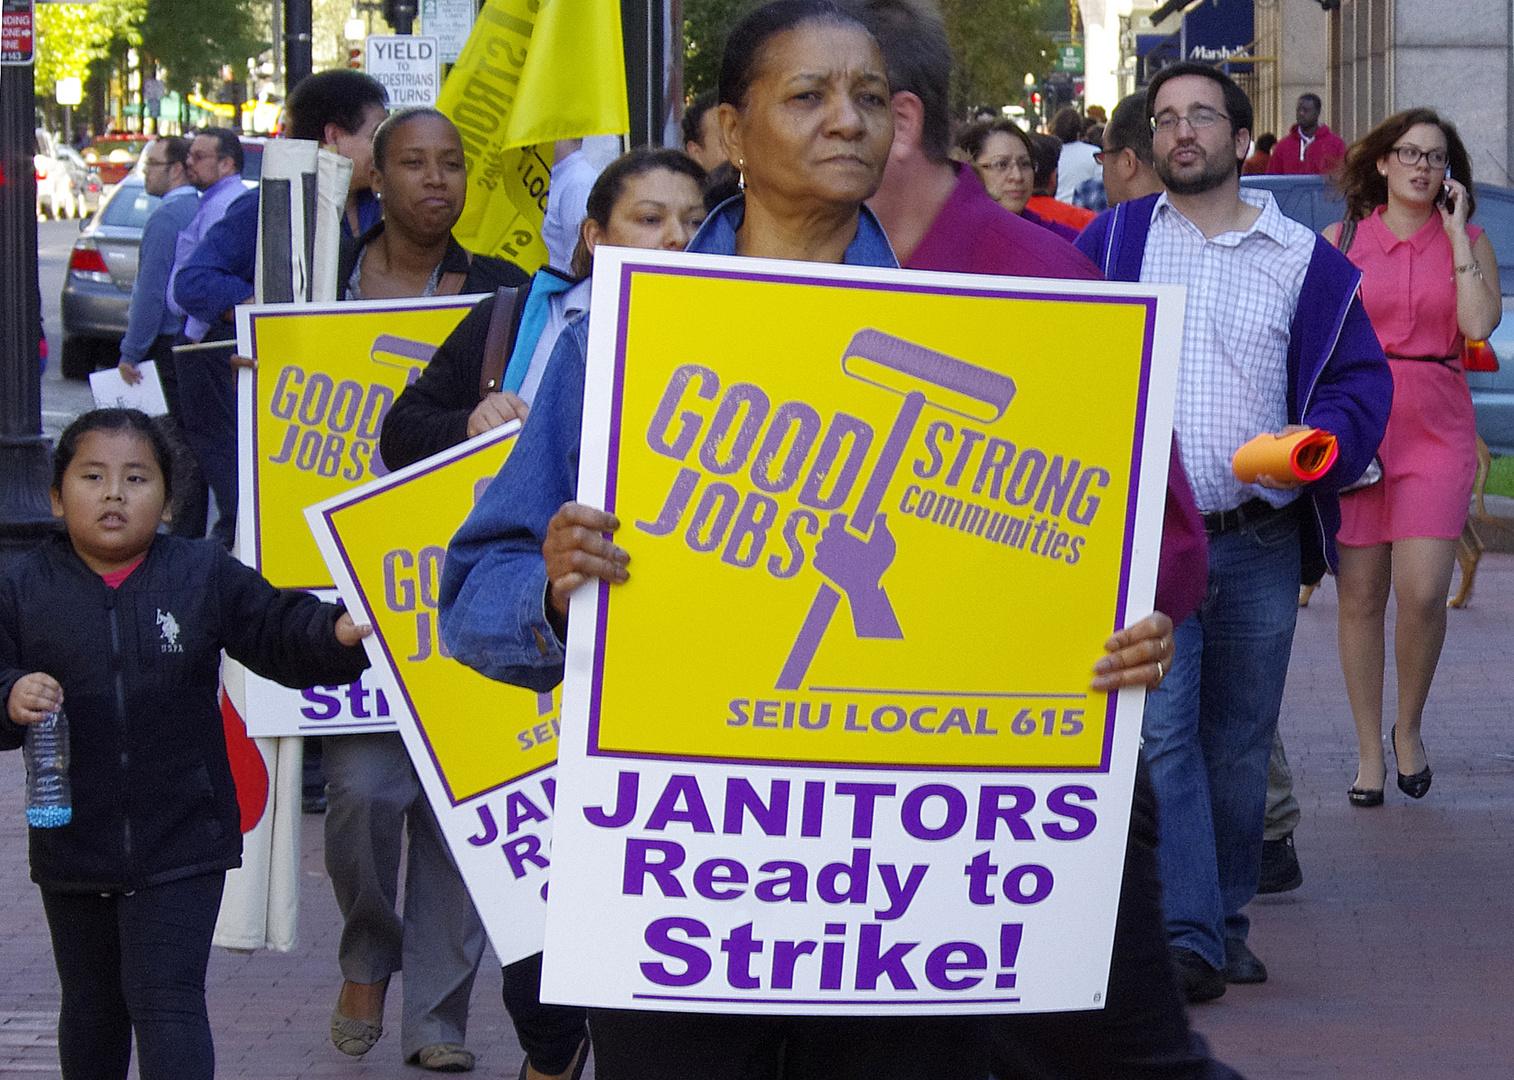 Streik in Boston-USA?